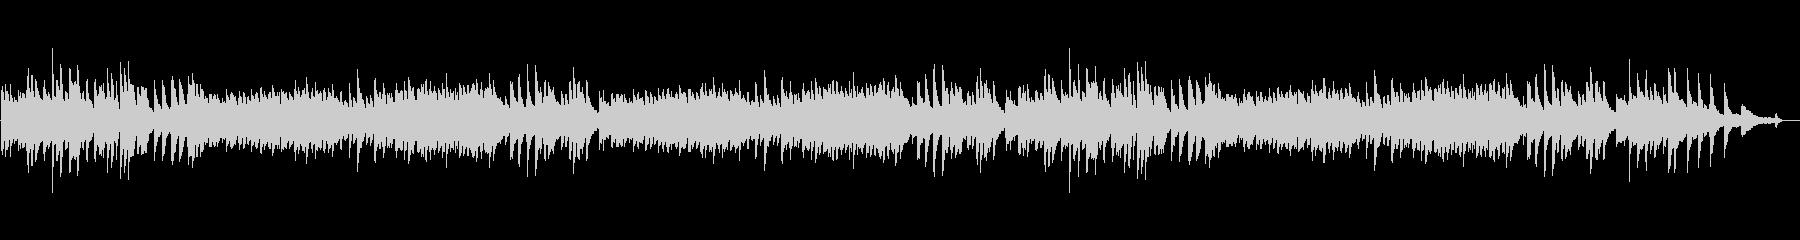 文部省唱歌『ふるさと』のピアノ伴奏音源の未再生の波形